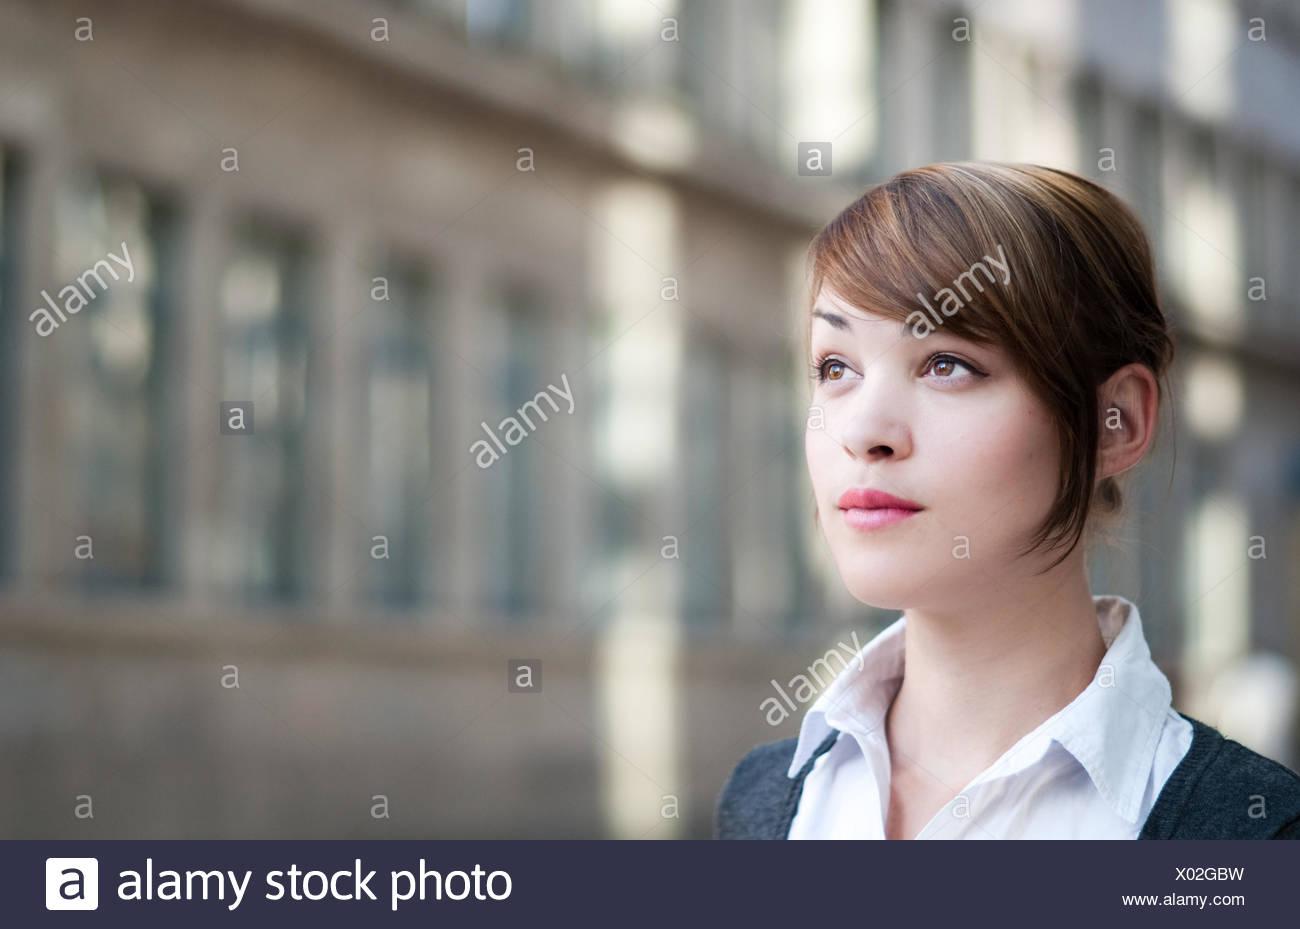 La empresaria mira hacia el futuro Imagen De Stock